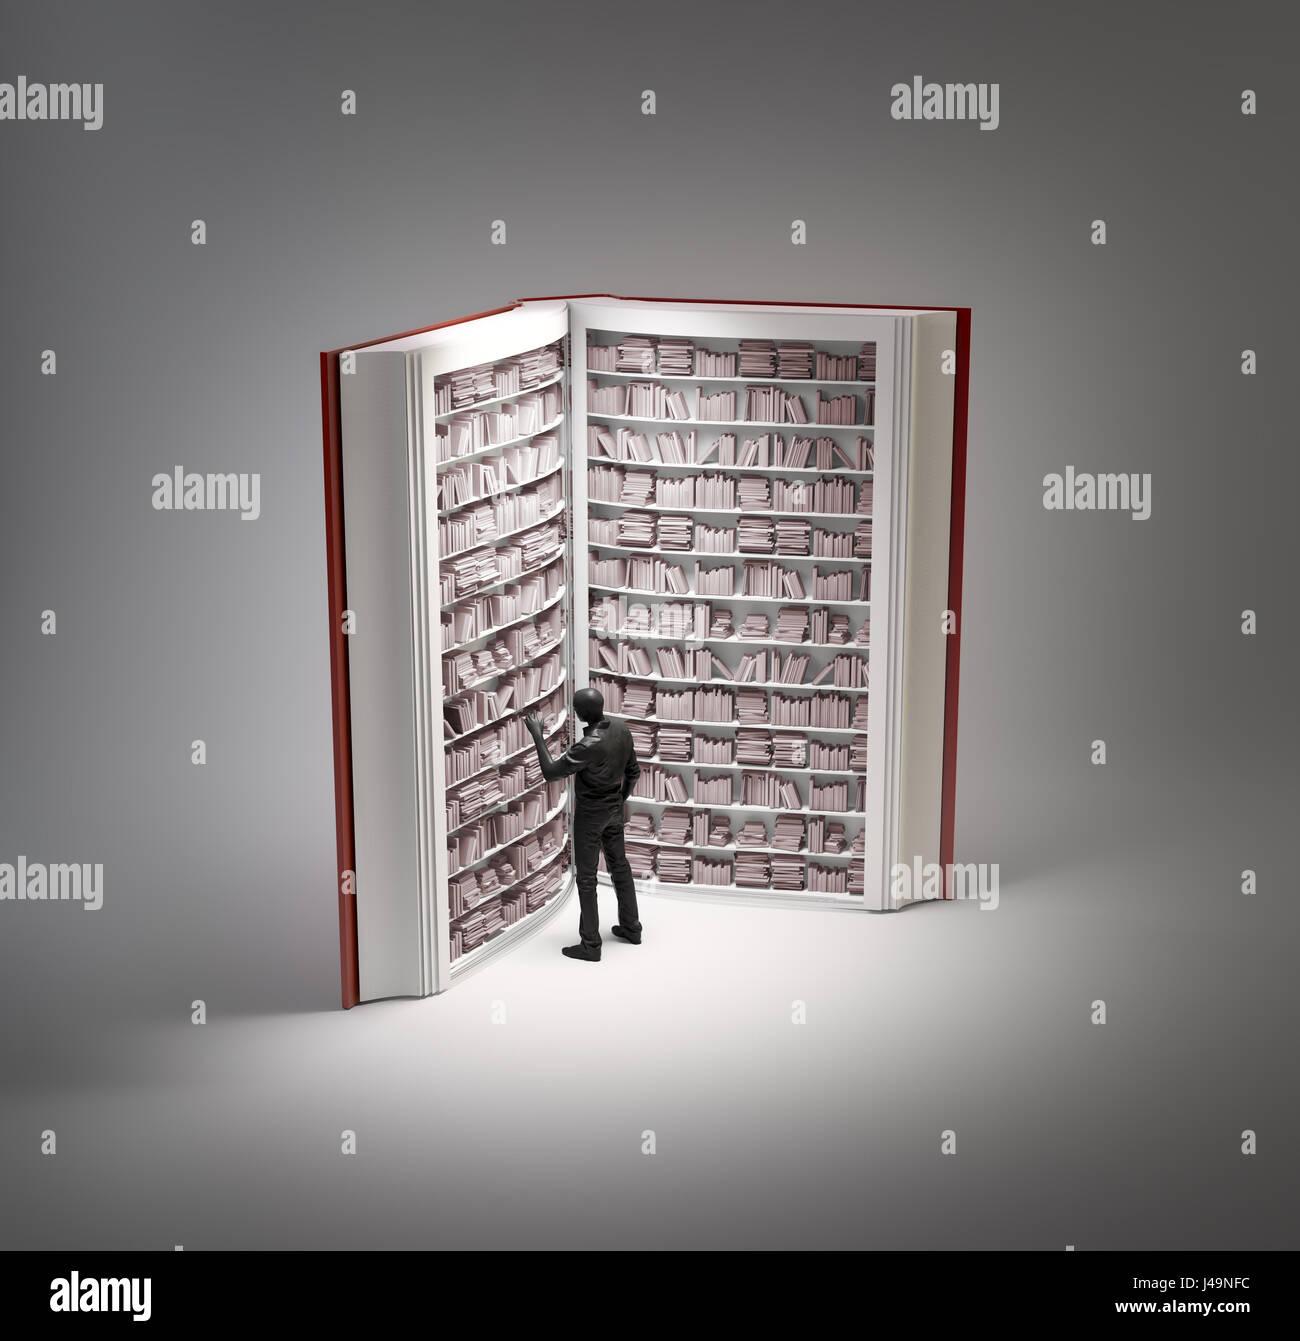 En forme de livre - bibliothèque 3d illustration Photo Stock